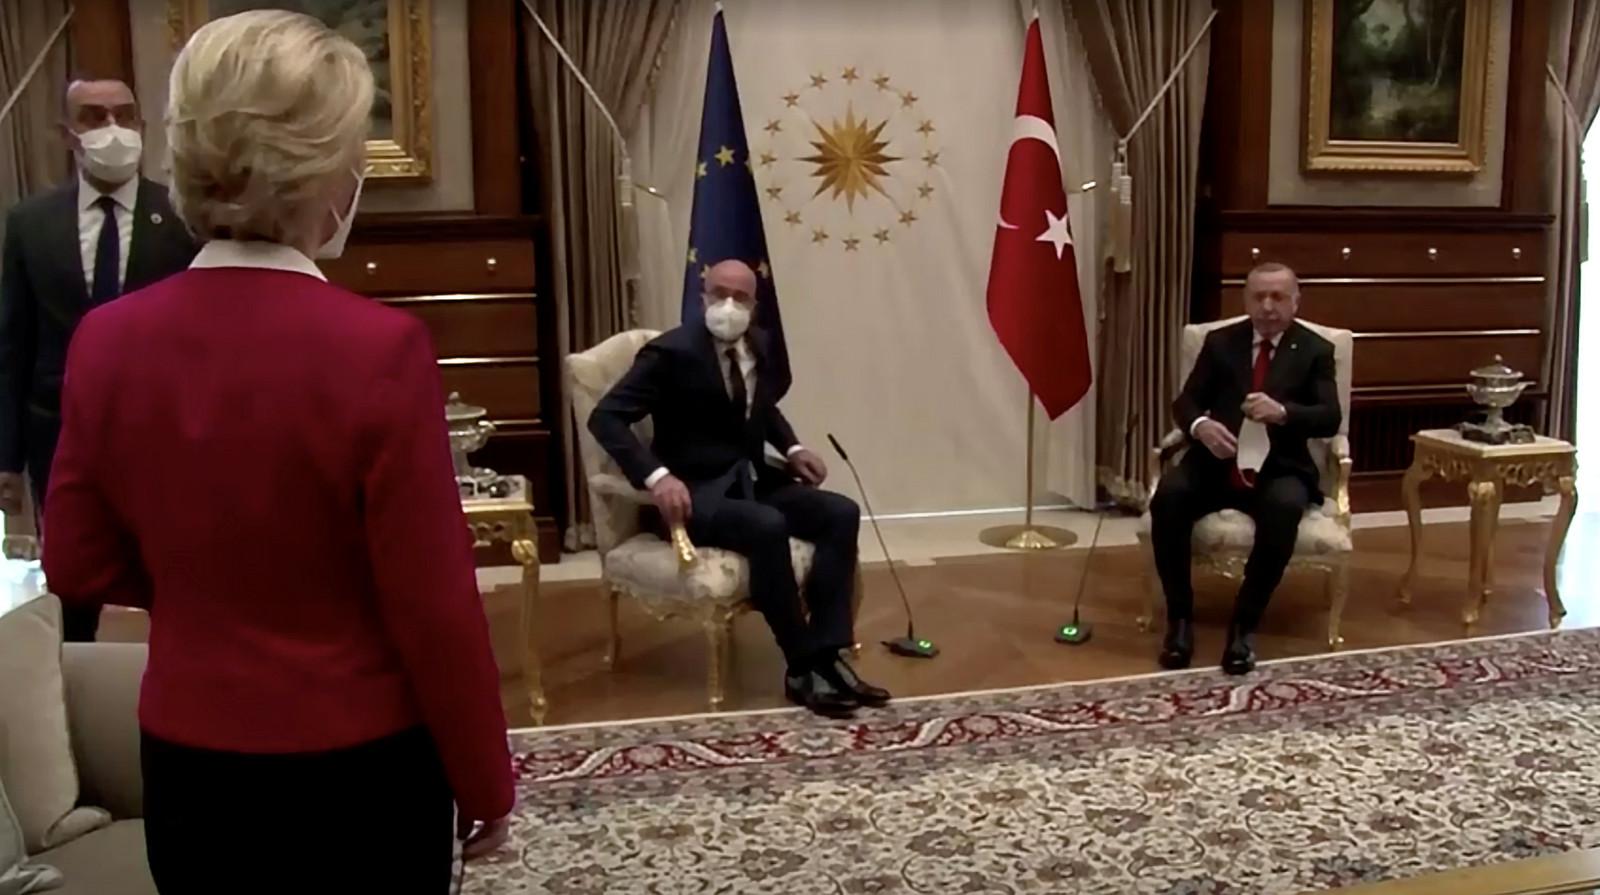 Terwijl Turks president Erdogan en Charles Michel zich schikten op hun vergulde stoelen, raakte Commissie- voorzitster Von der Leyen zichtbaar geïrriteerd. Ze bleef even staan en stamelde duidelijk hoorbaar 'euhm' .